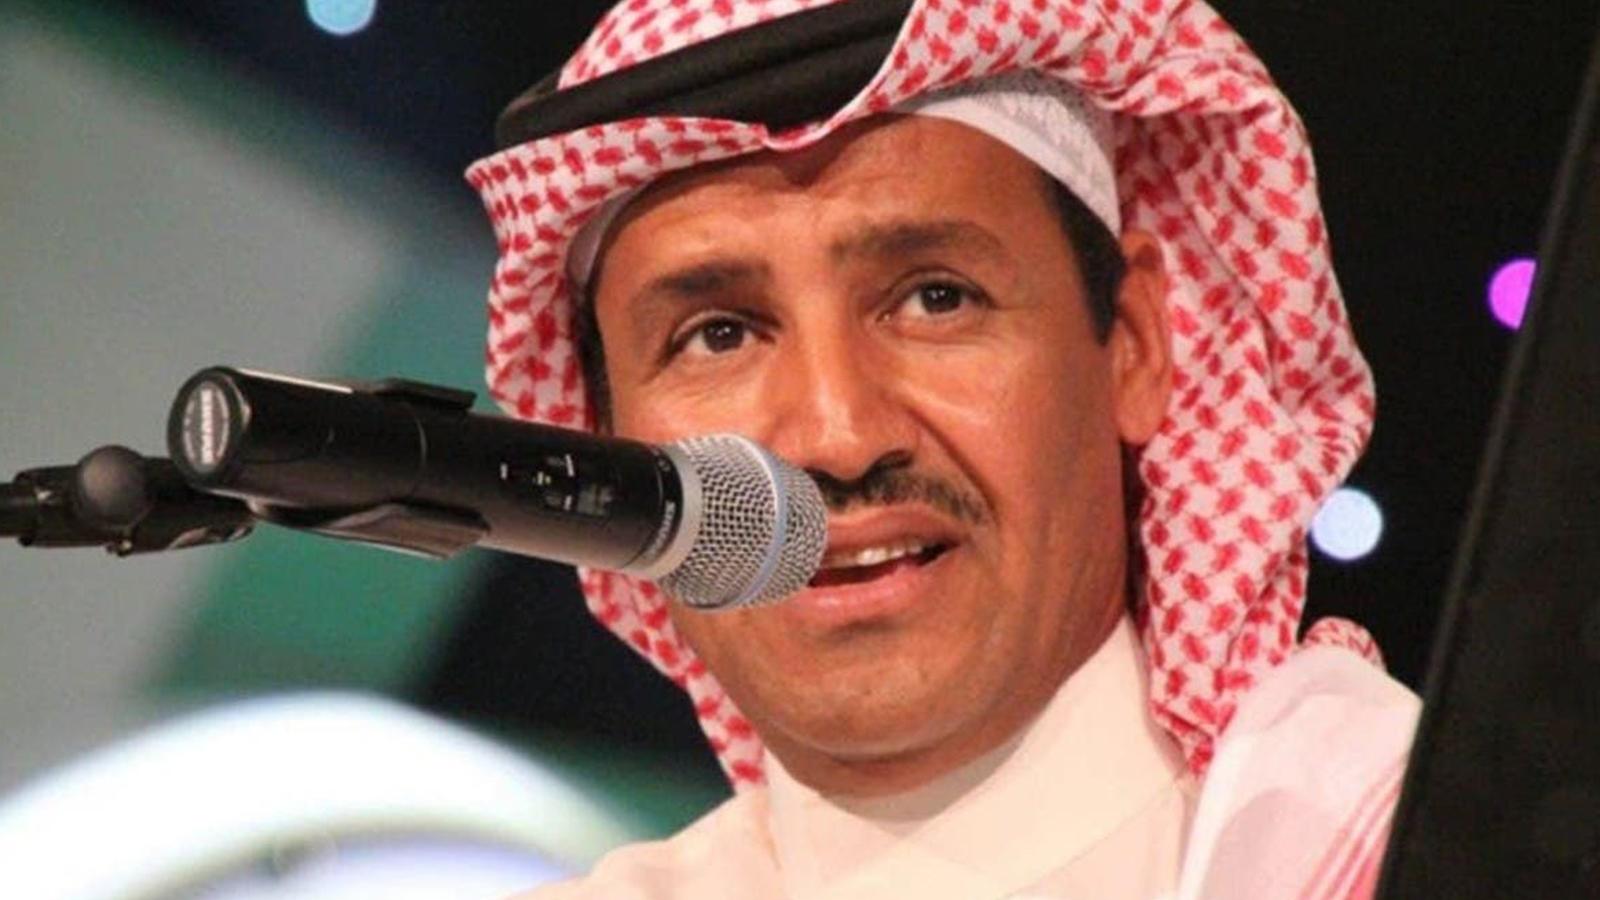 رابط تطبيق كاد خالد عبد الرحمن